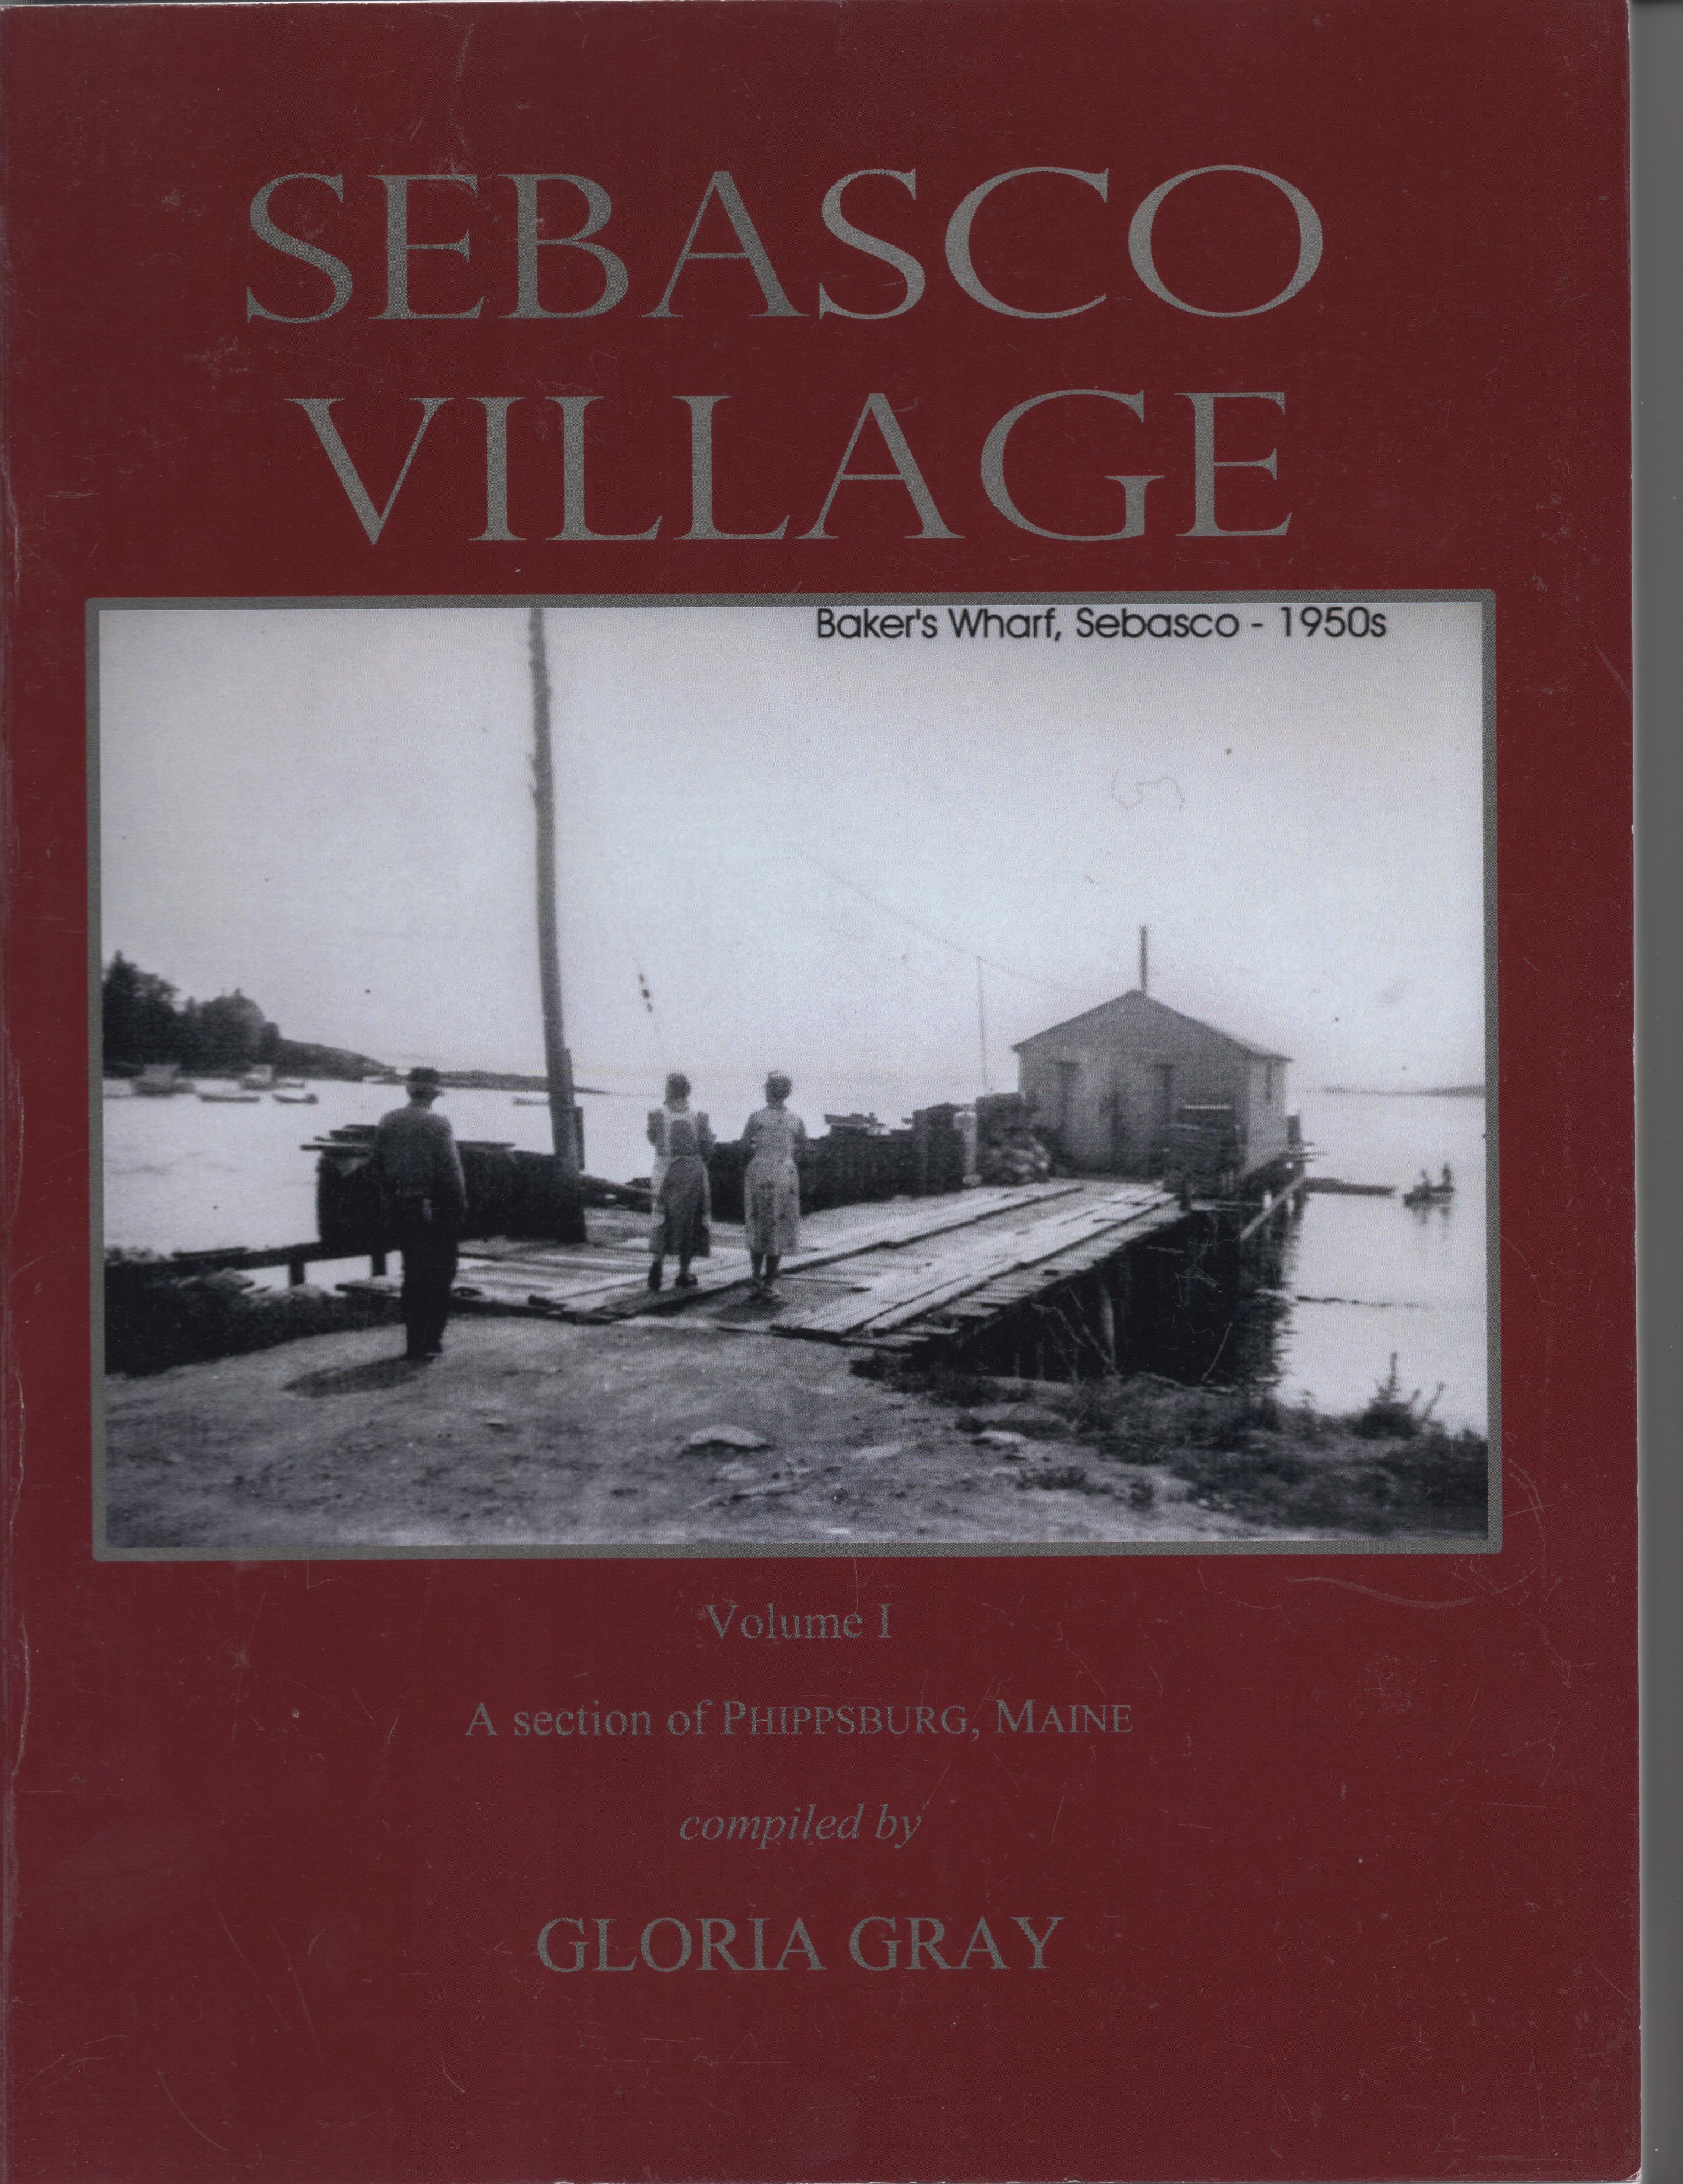 Sebasco Village Volume I